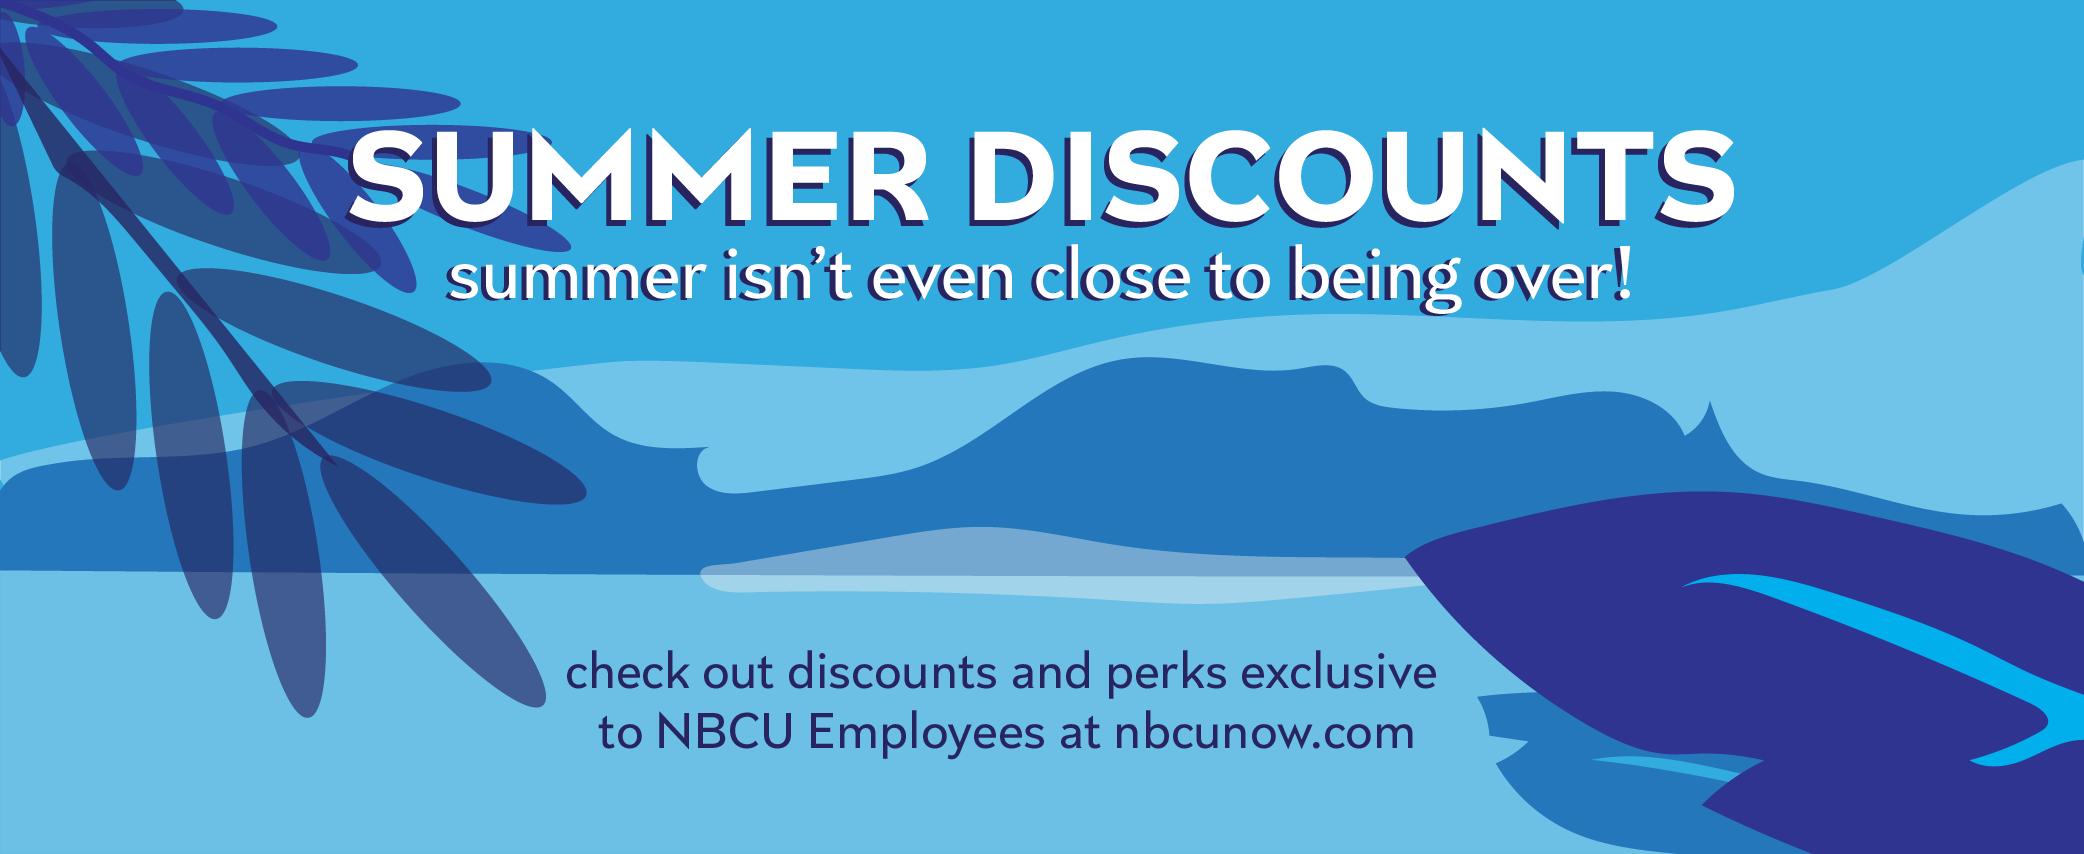 Summer_Discounts_Topline